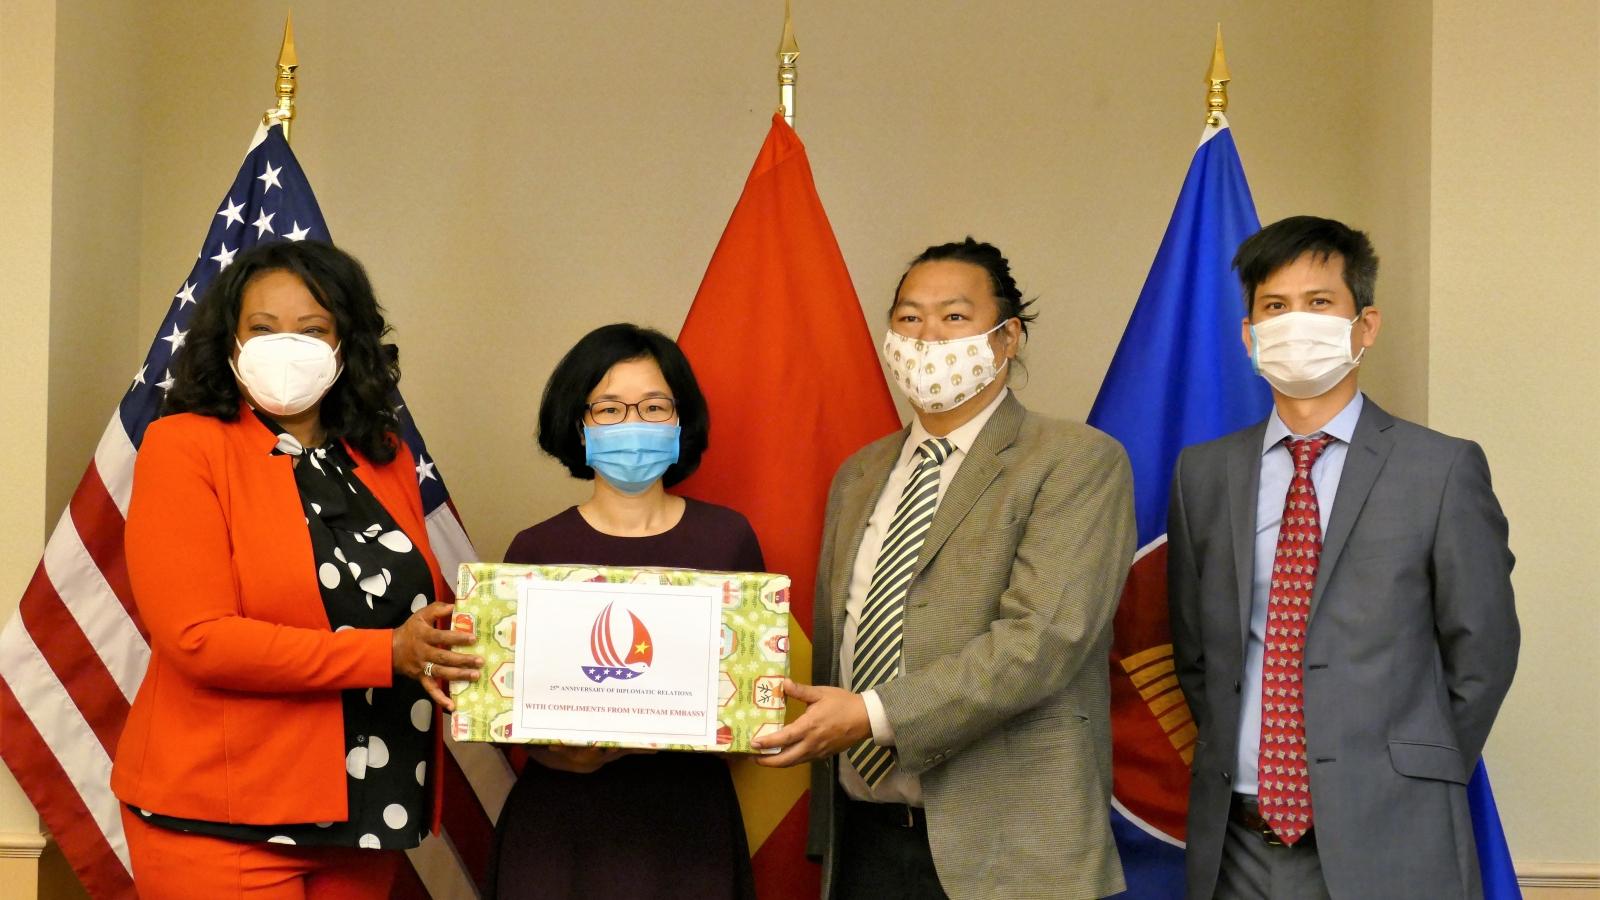 Đại sứ quán Việt Nam trao tặng khẩu trang cho Thủ đô Washington (Mỹ)